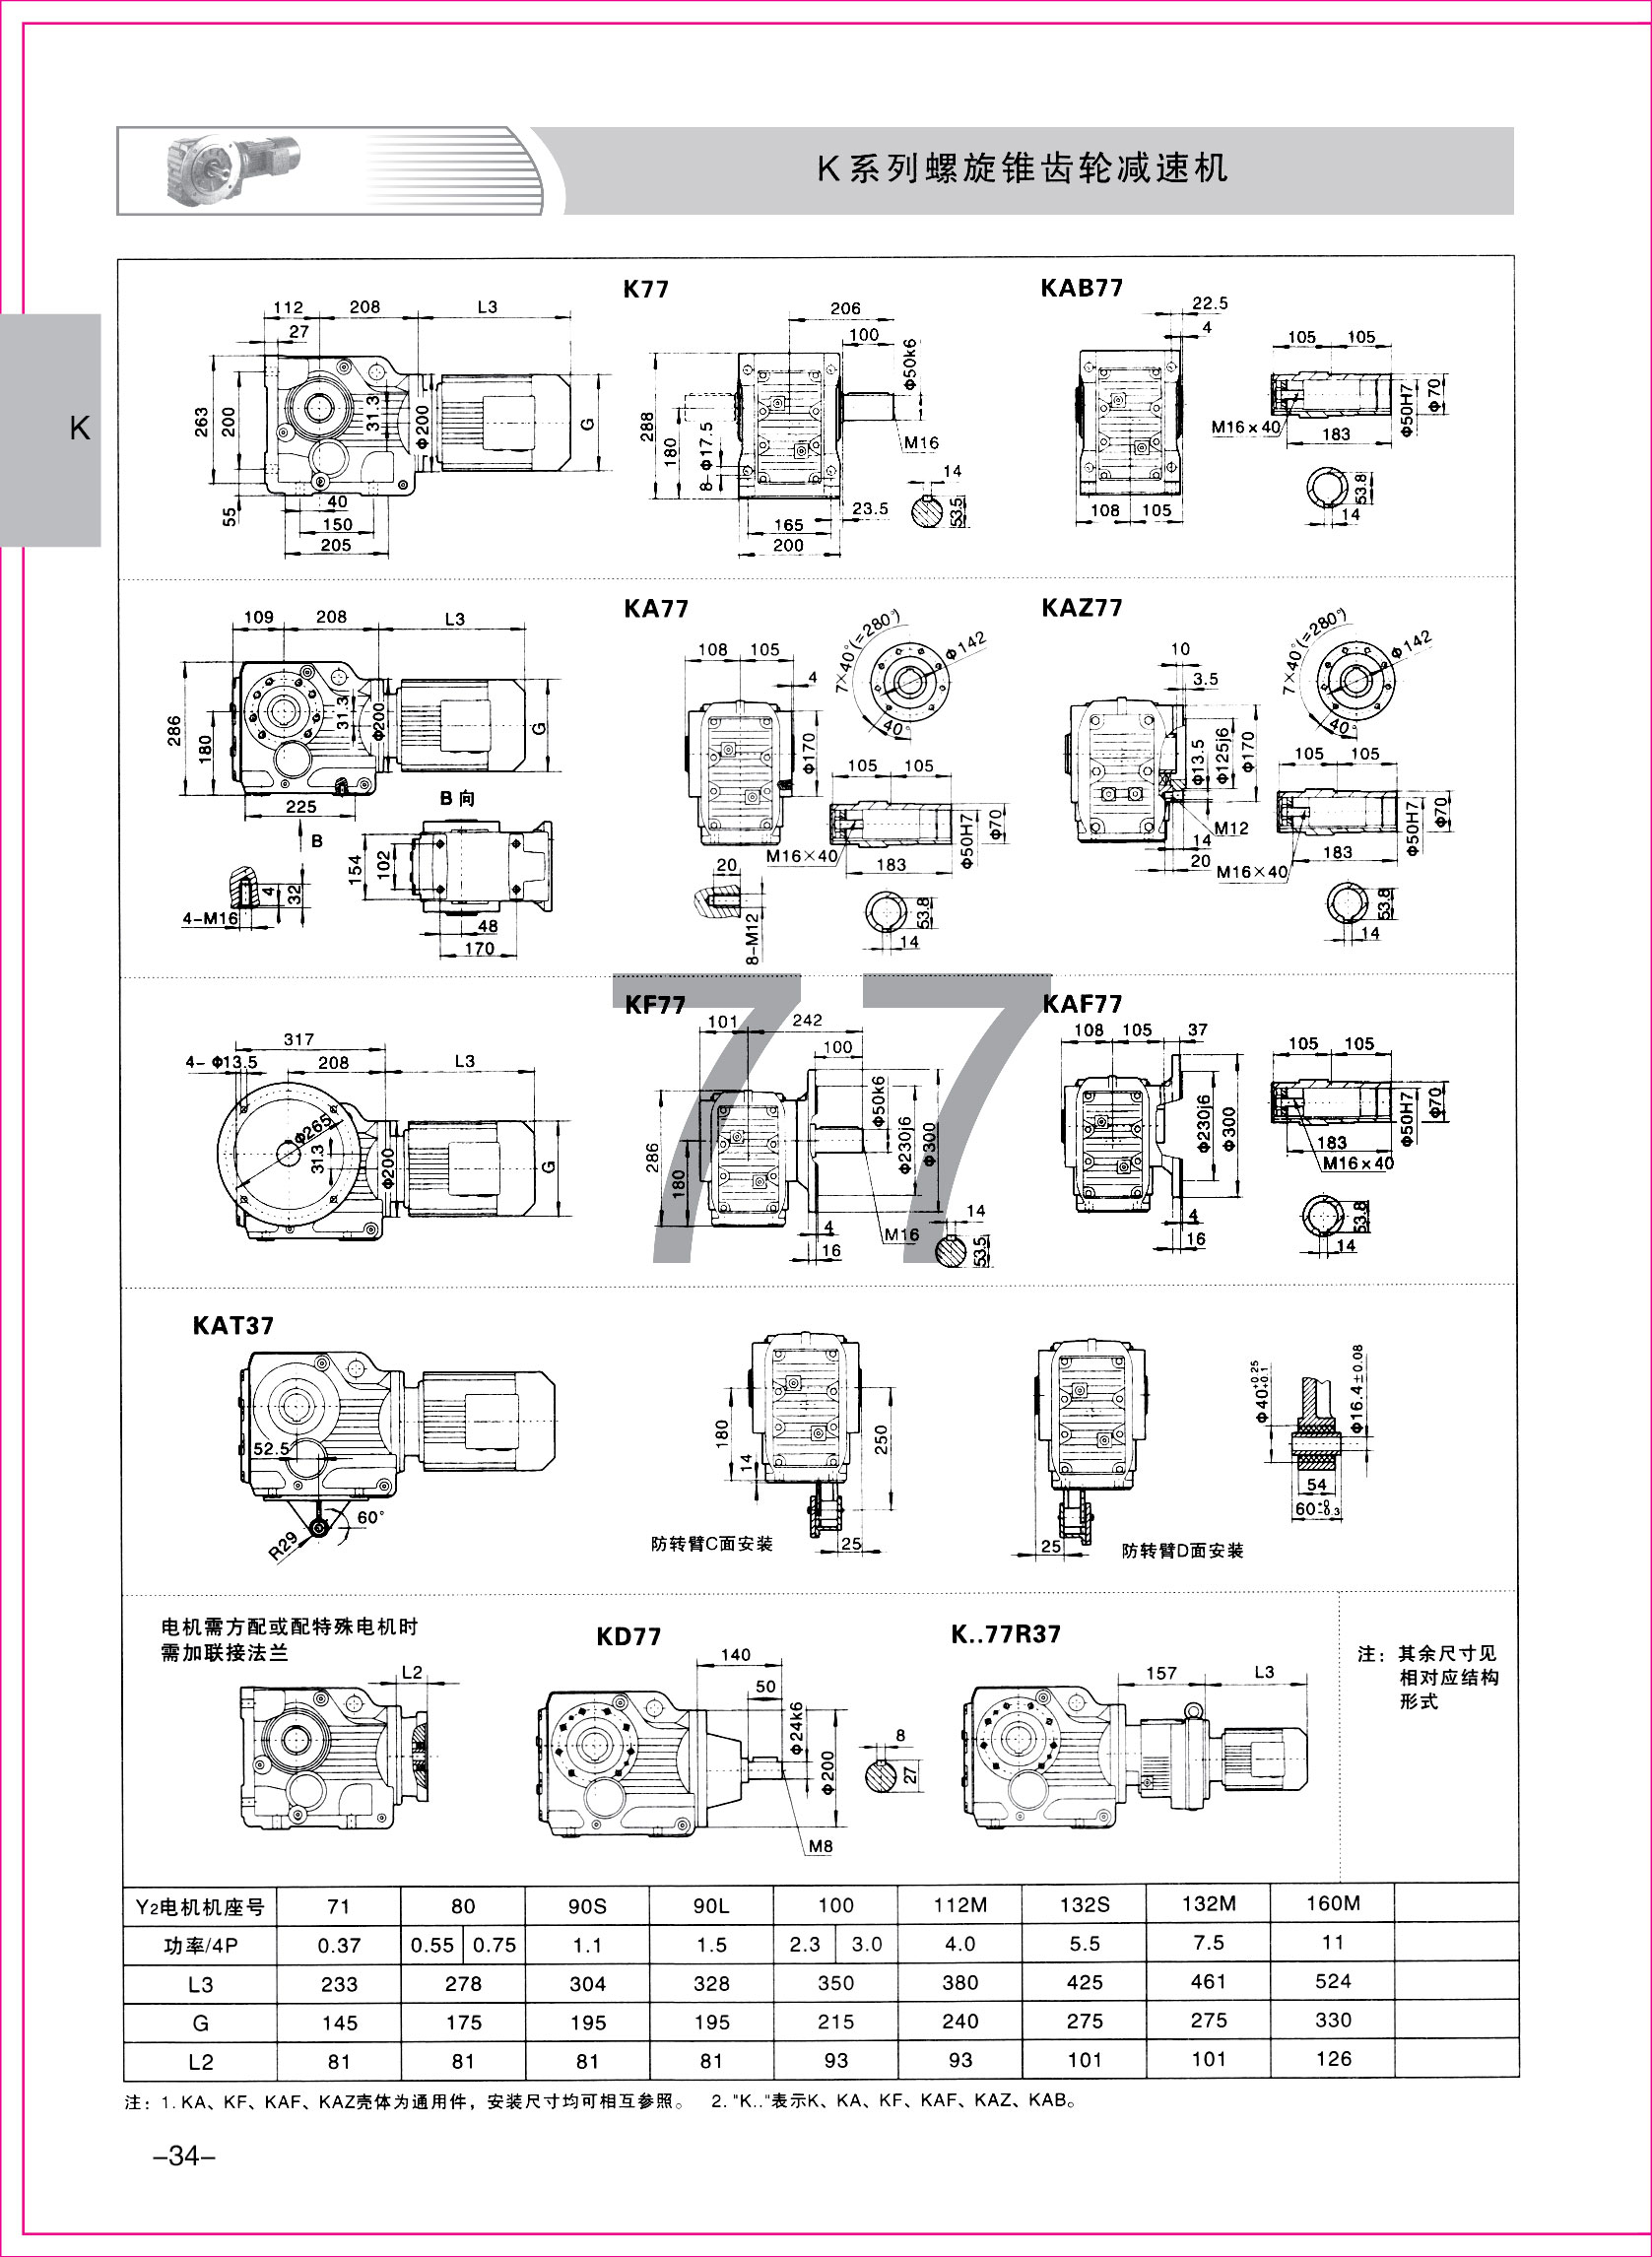 齿轮减速机样本1-1-34.jpg